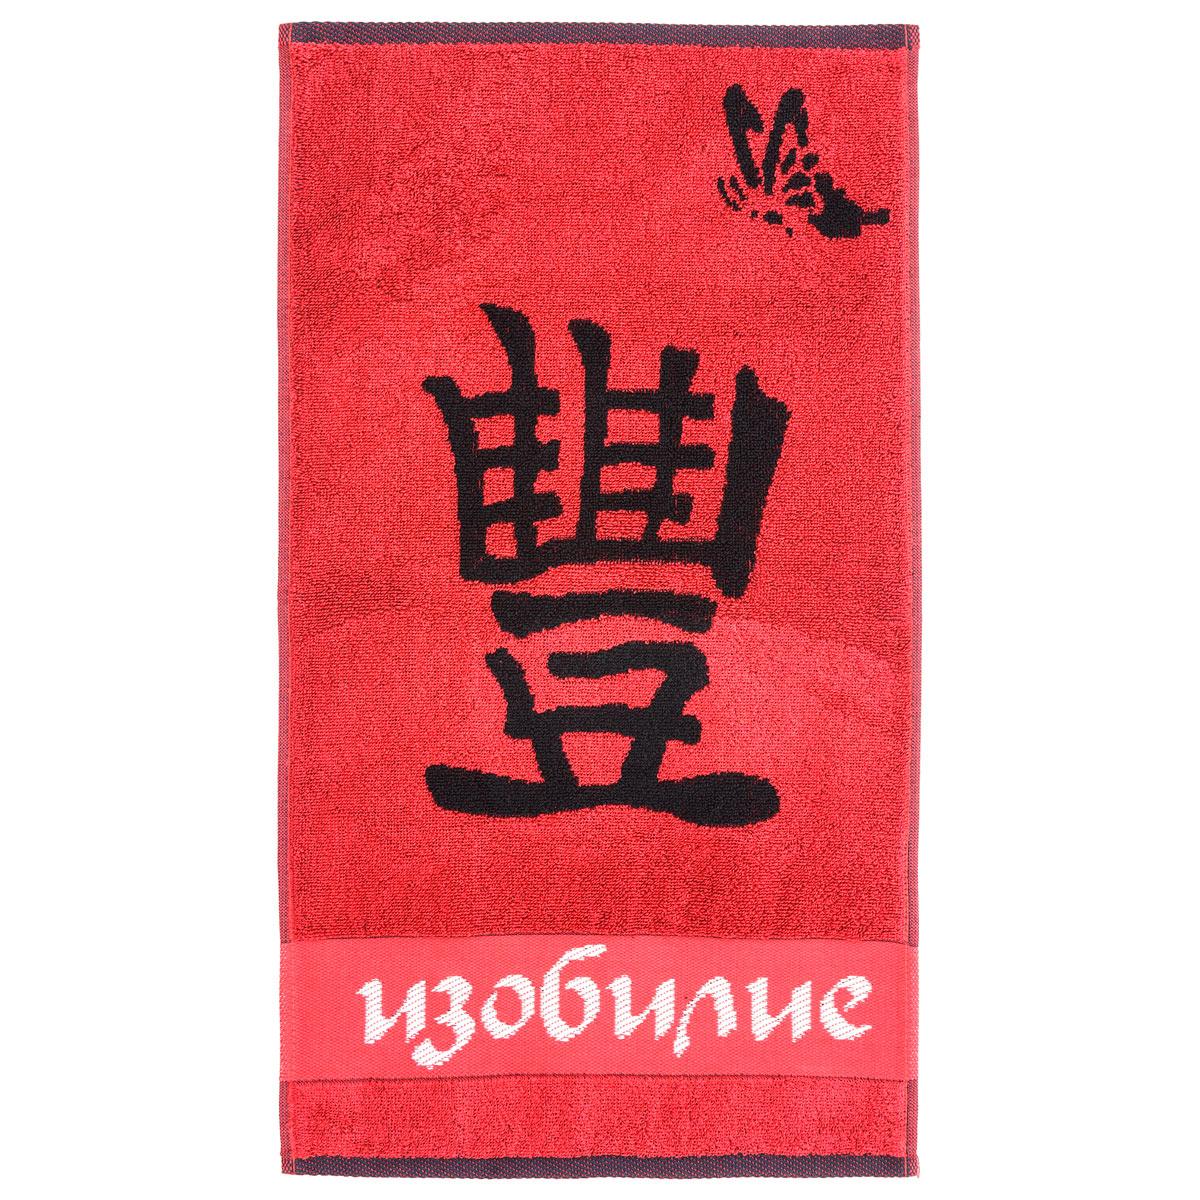 Полотенце Изобилие р. 30х60Махровые полотенца<br><br><br>Тип: Полотенце<br>Размер: 30х60<br>Материал: Махра